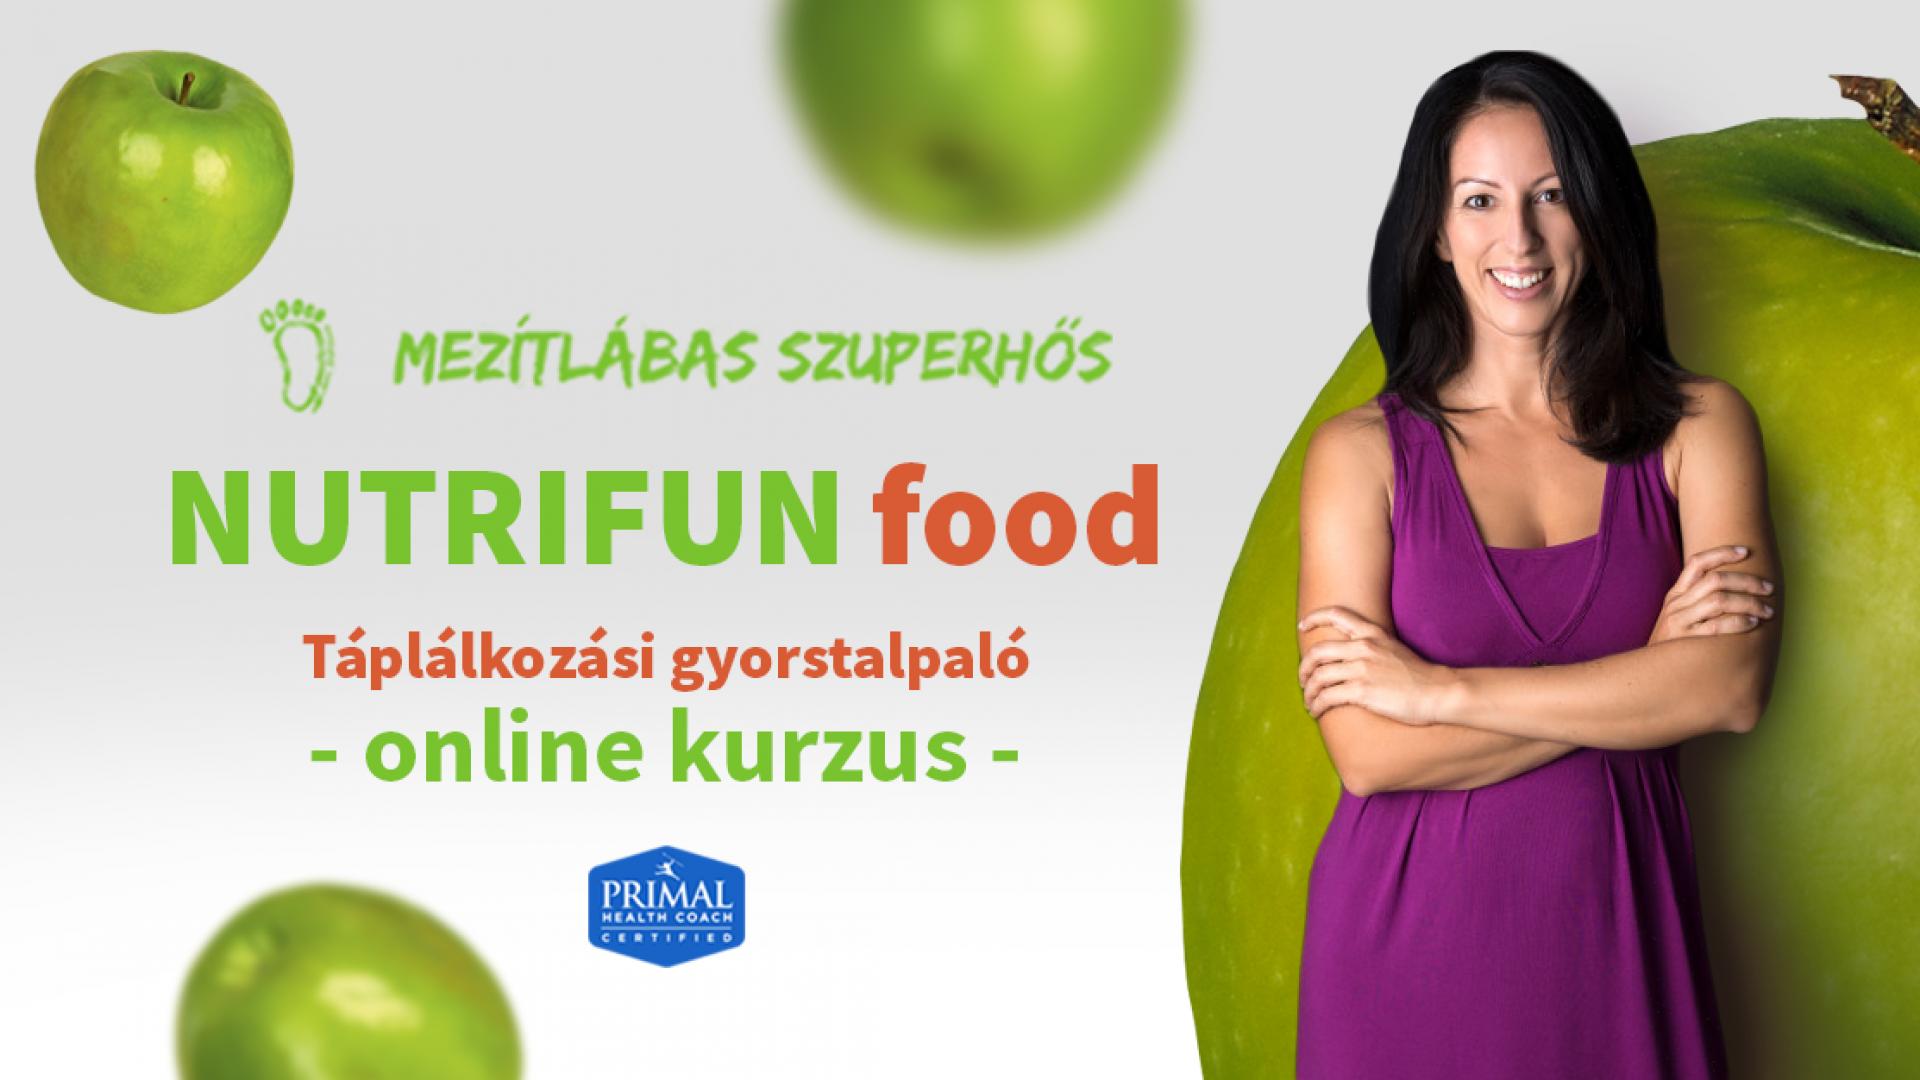 NUTRIFUN food - A funkcionális táplálkozás alapjai gyorstalpaló